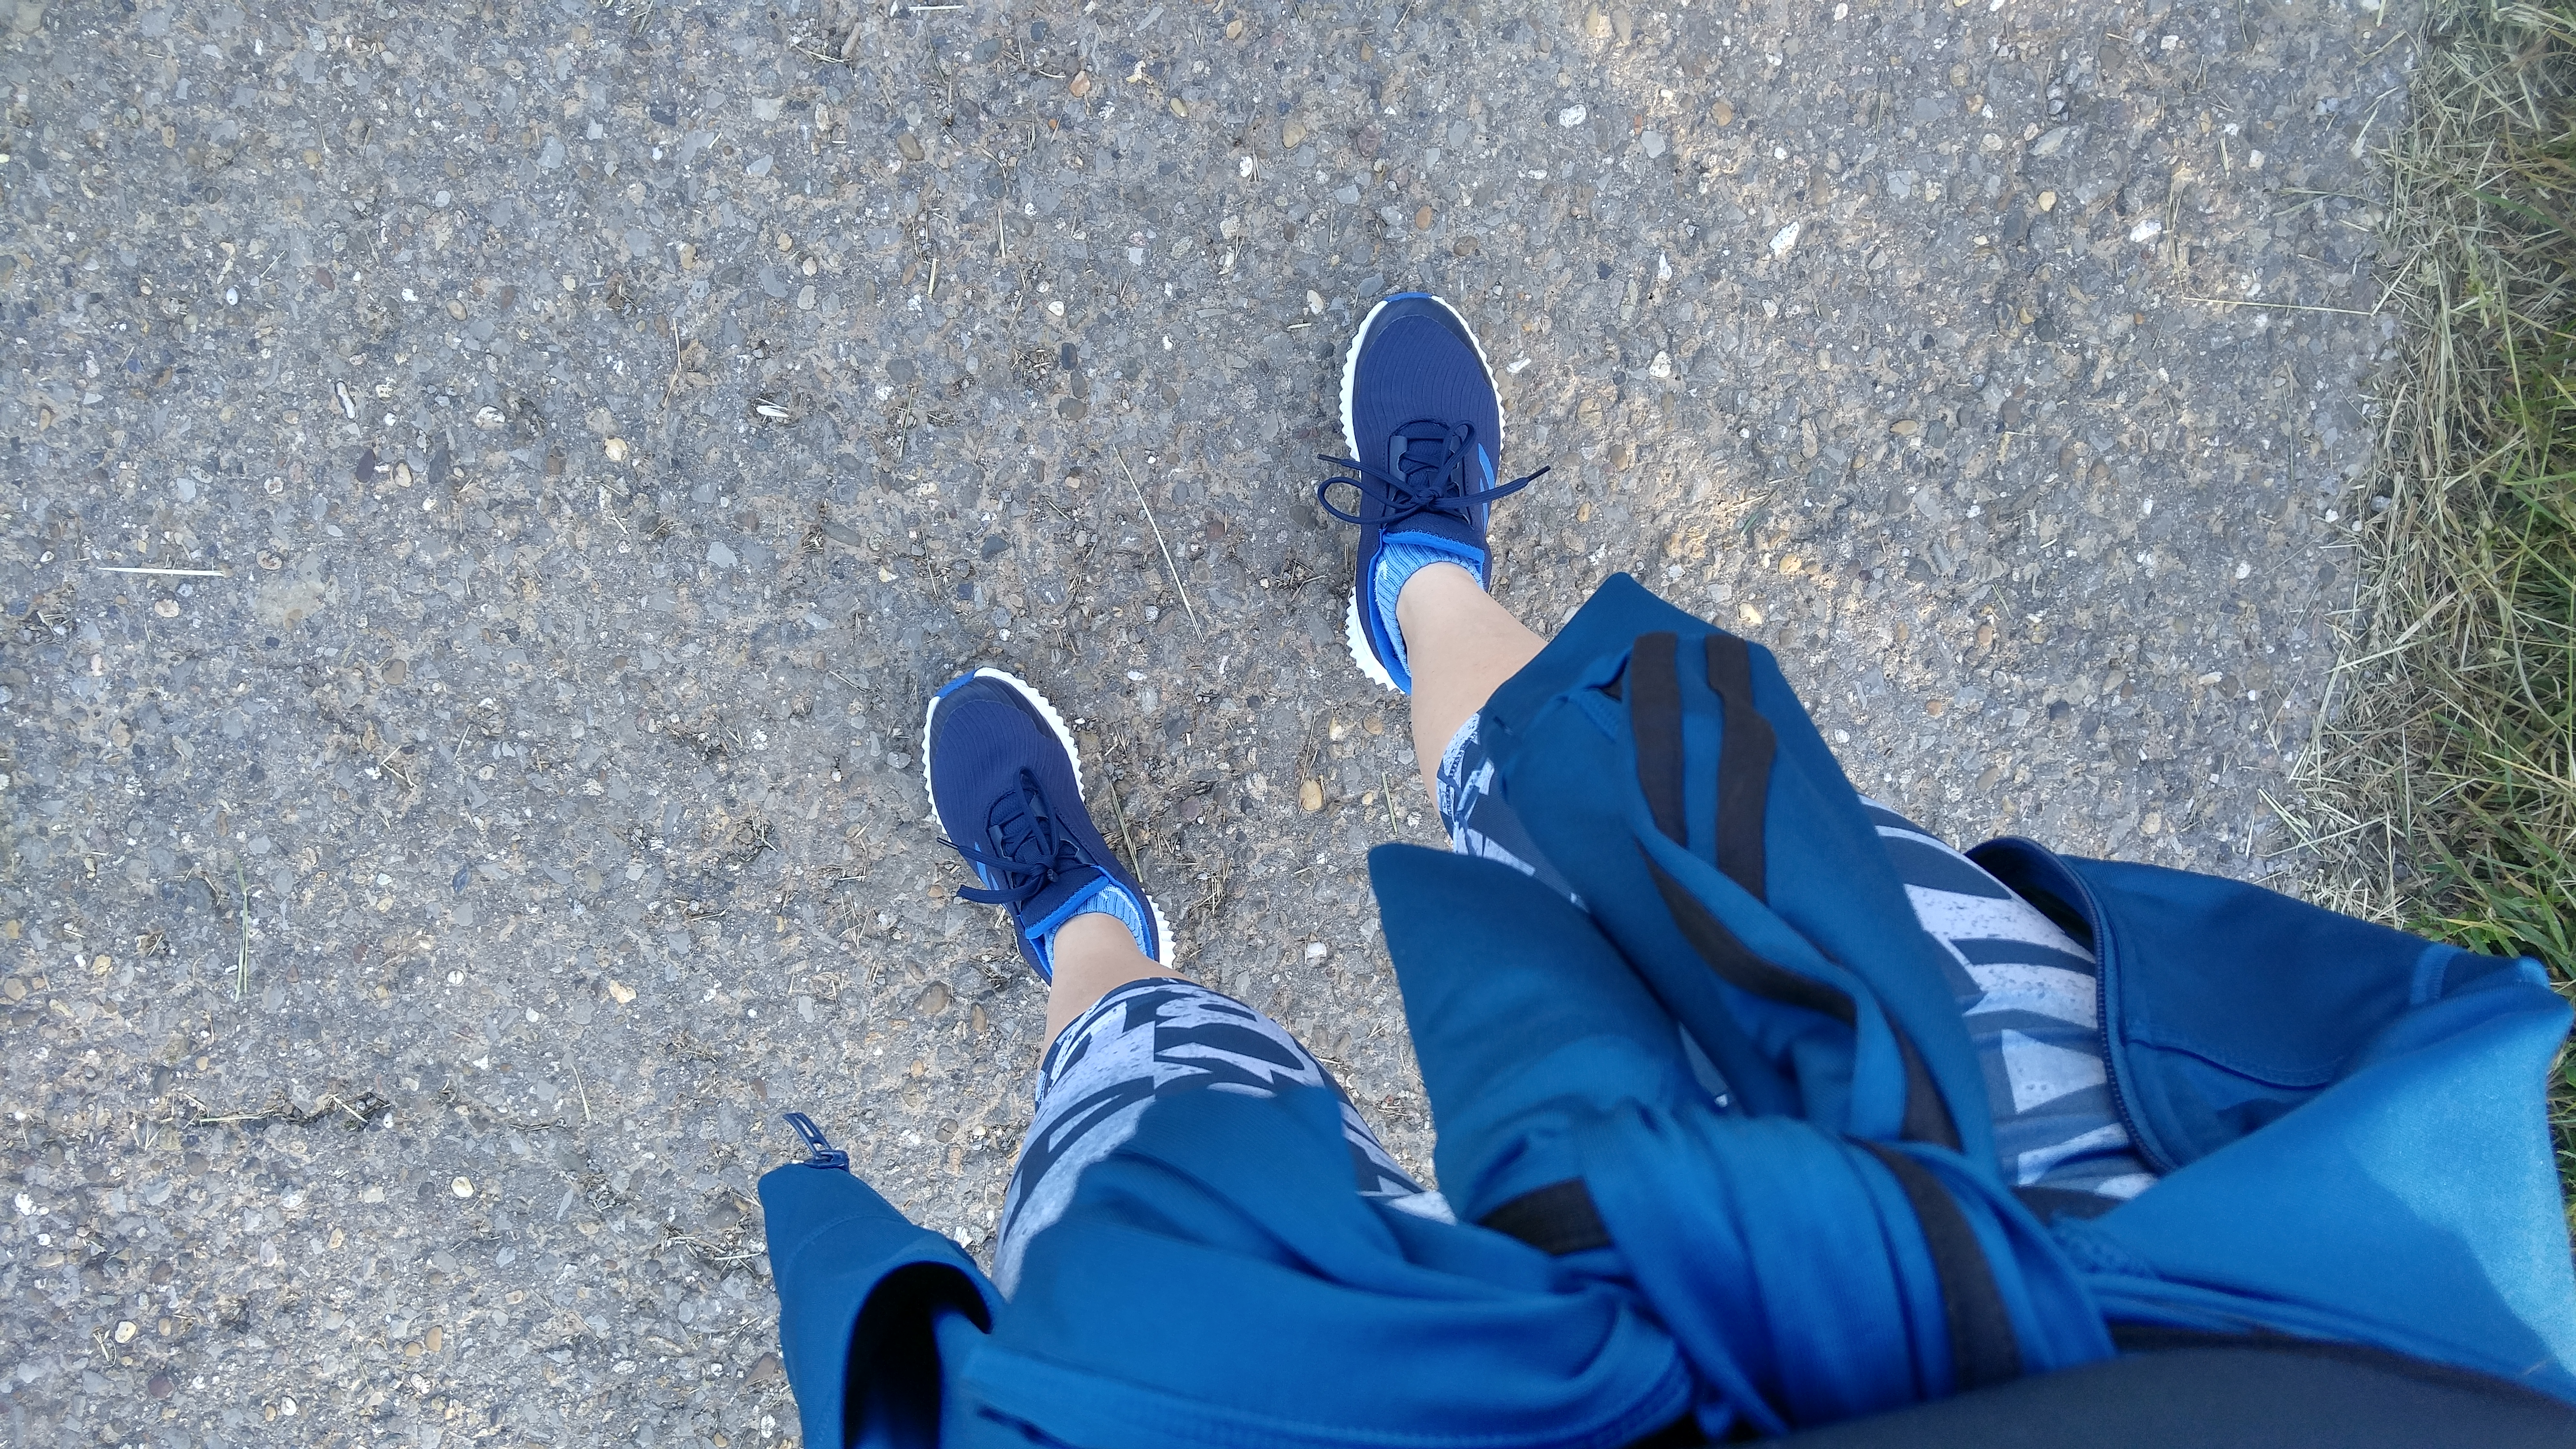 Laufen macht Spaß